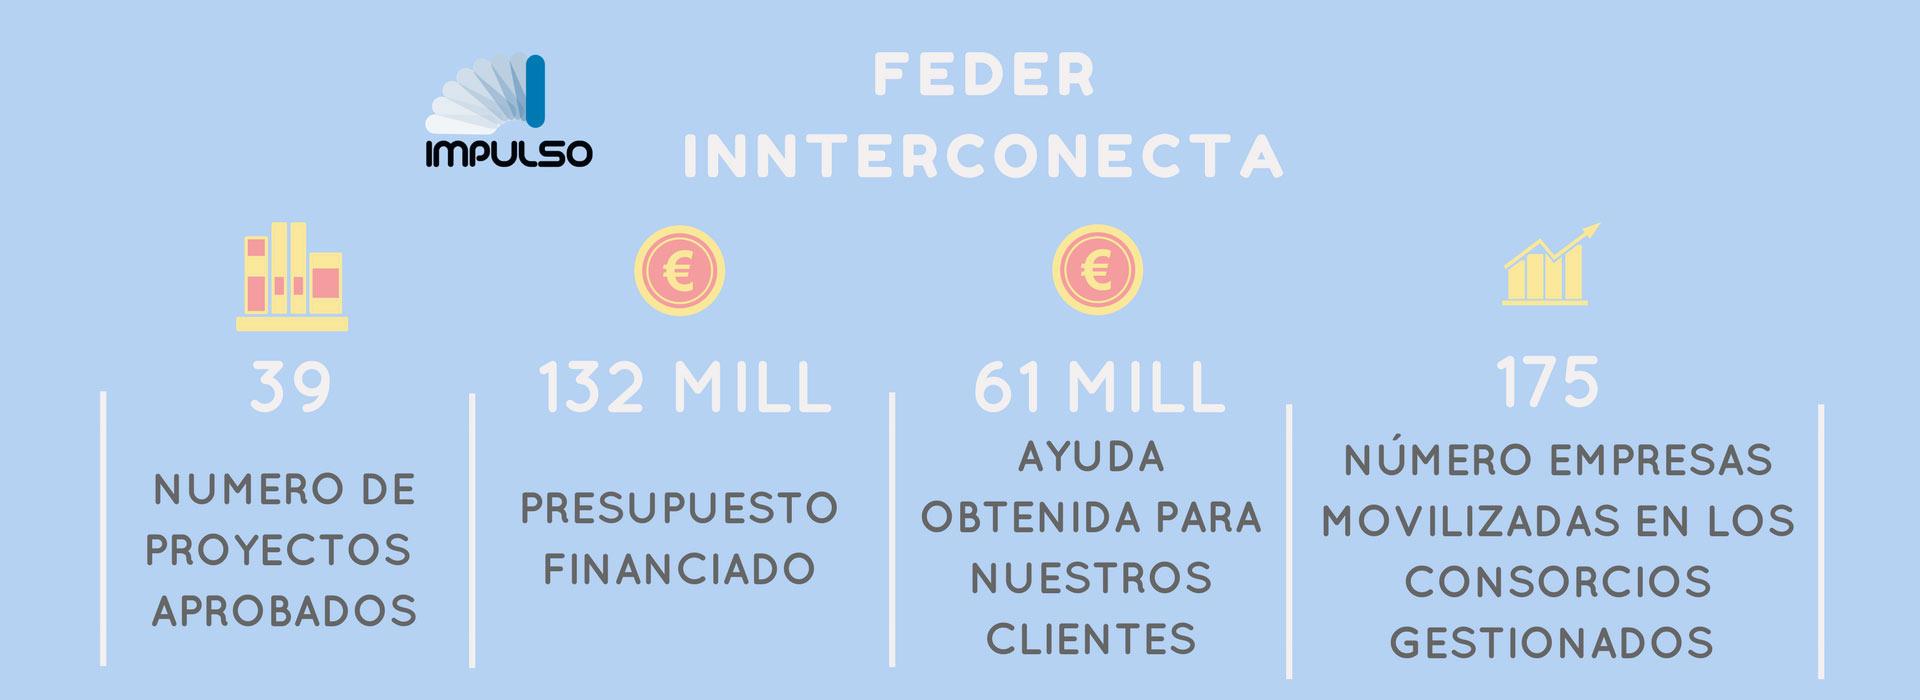 Abierta Convocatoria FEDER INTERCONECTA 2018º